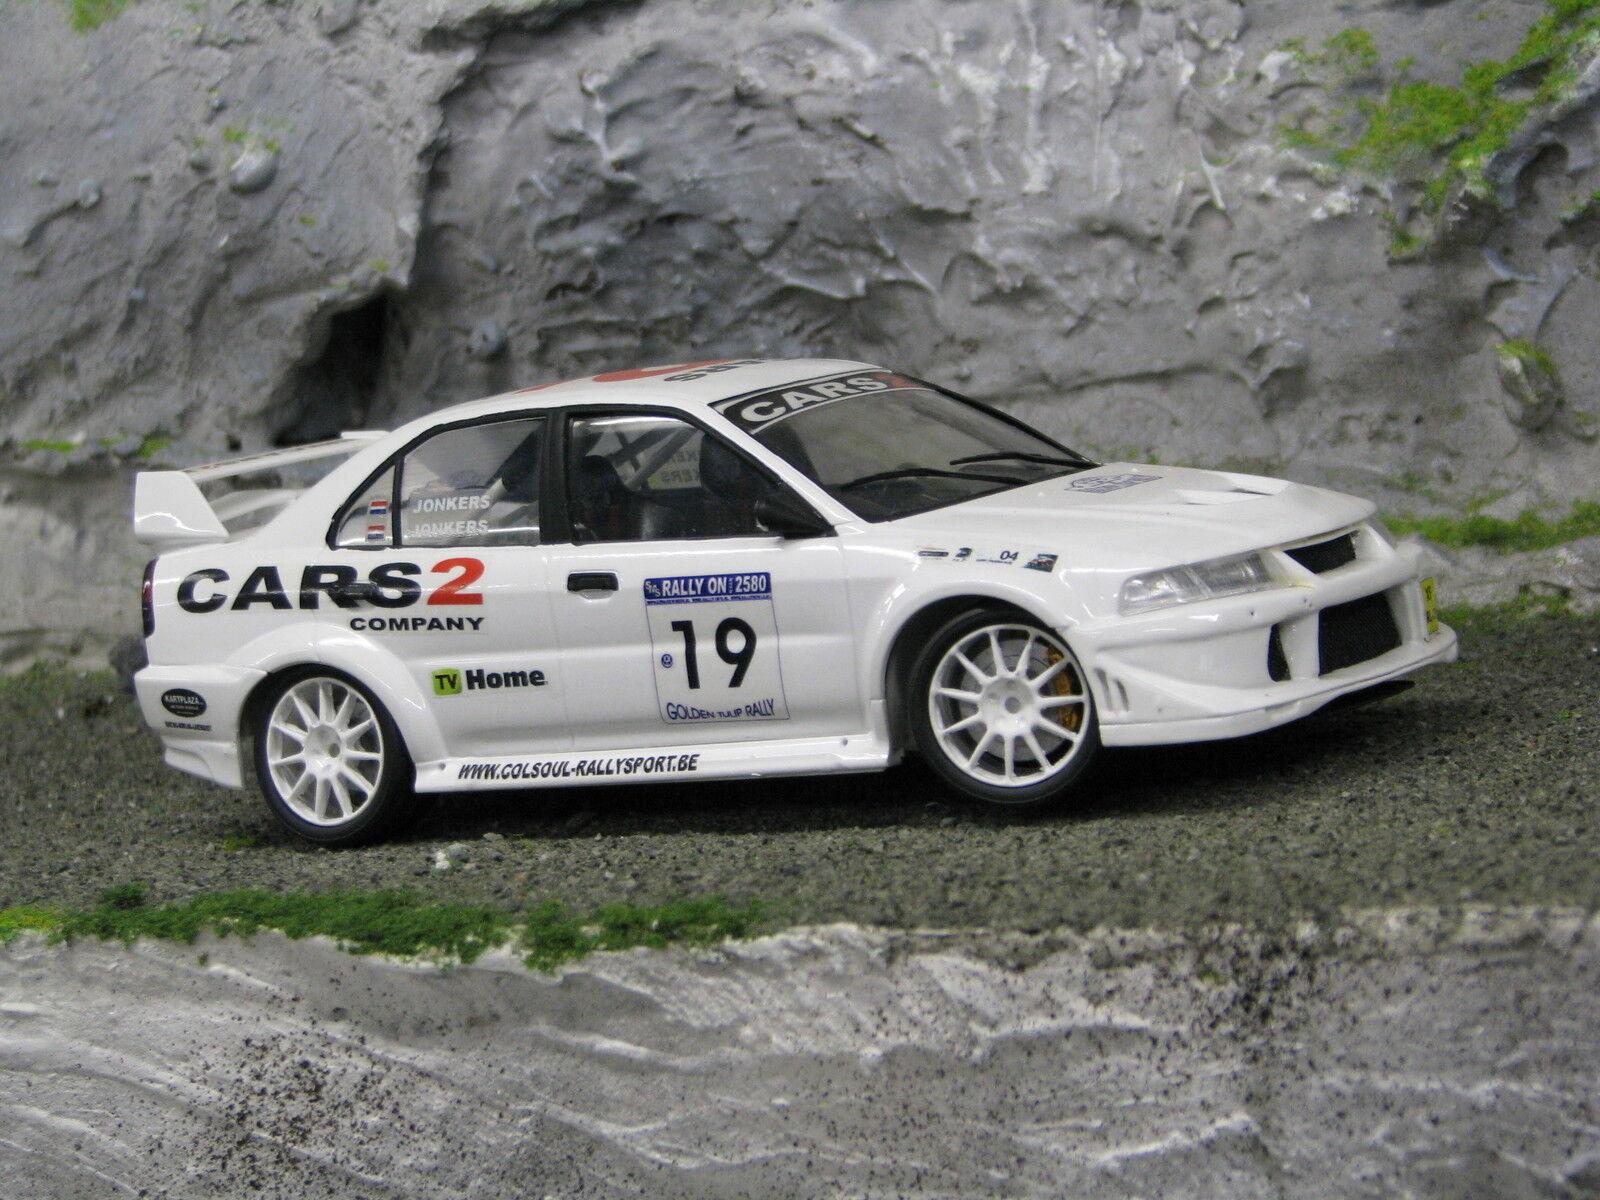 QSP Mitsubishi Lancer Evo 6.5 1 24 Jonkers   Jonkers golden Tulip Rally 2003